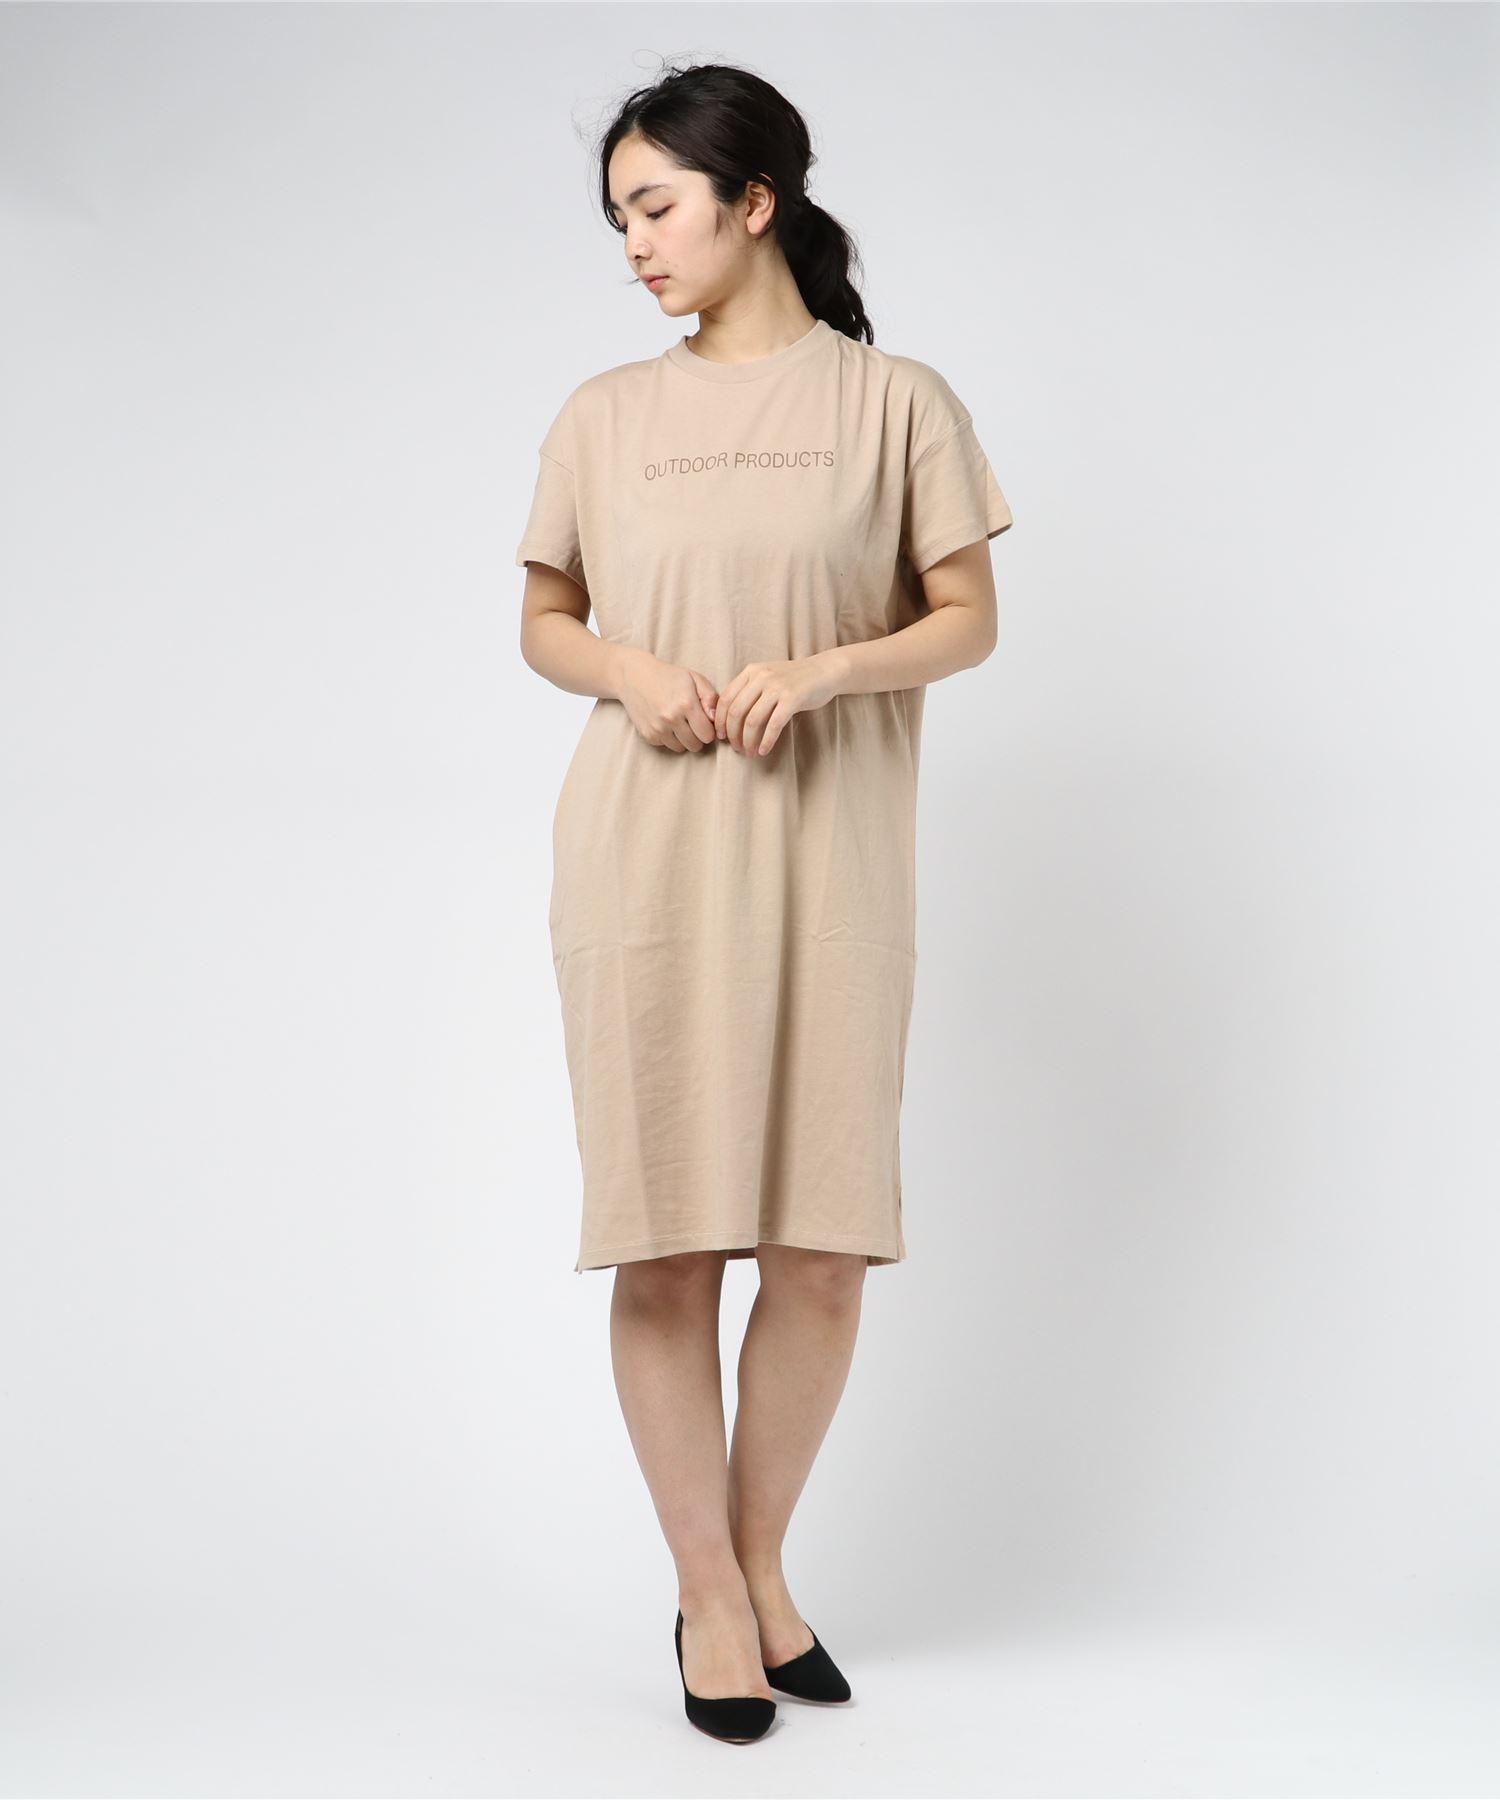 スモールロゴプリントワンピース/Tシャツ ワンピース